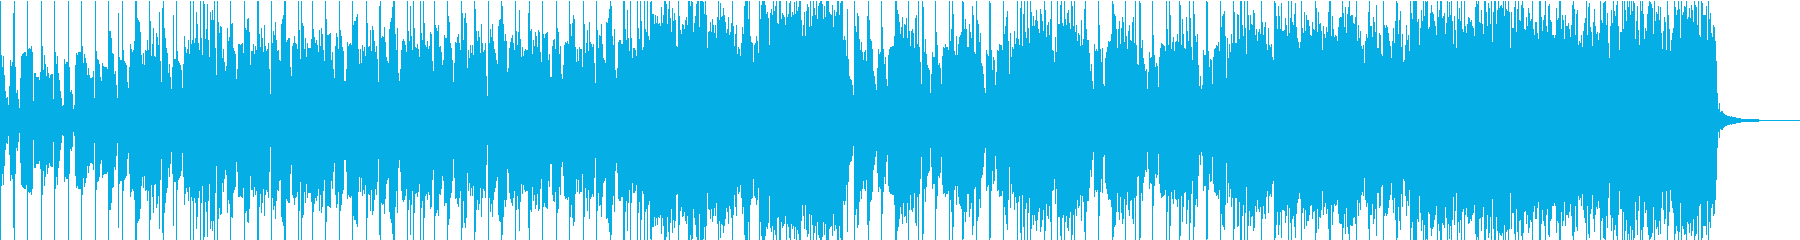 モダンなインディーロックサウンドの再生済みの波形